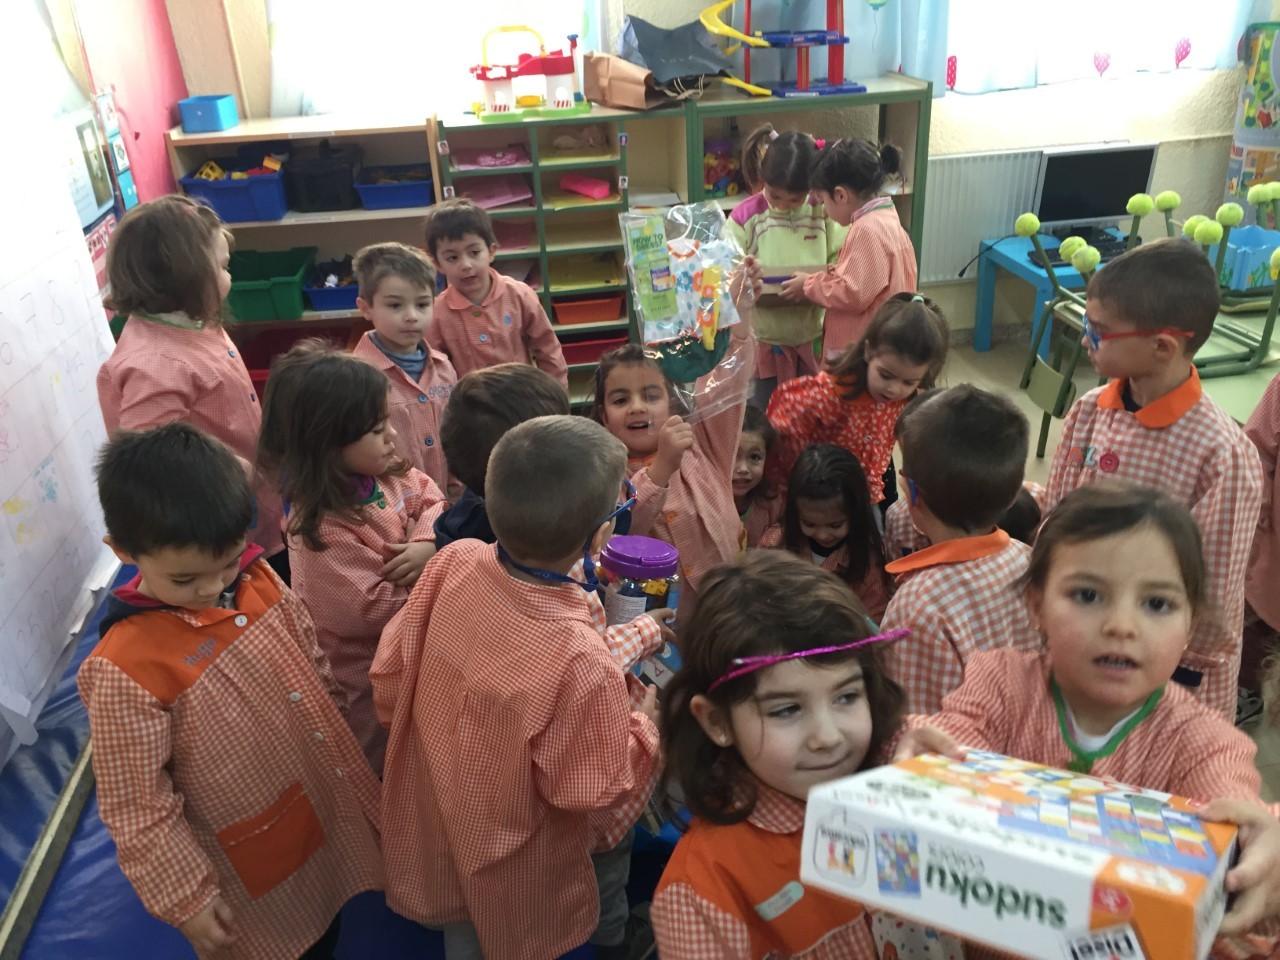 Visita Reyes aula 2